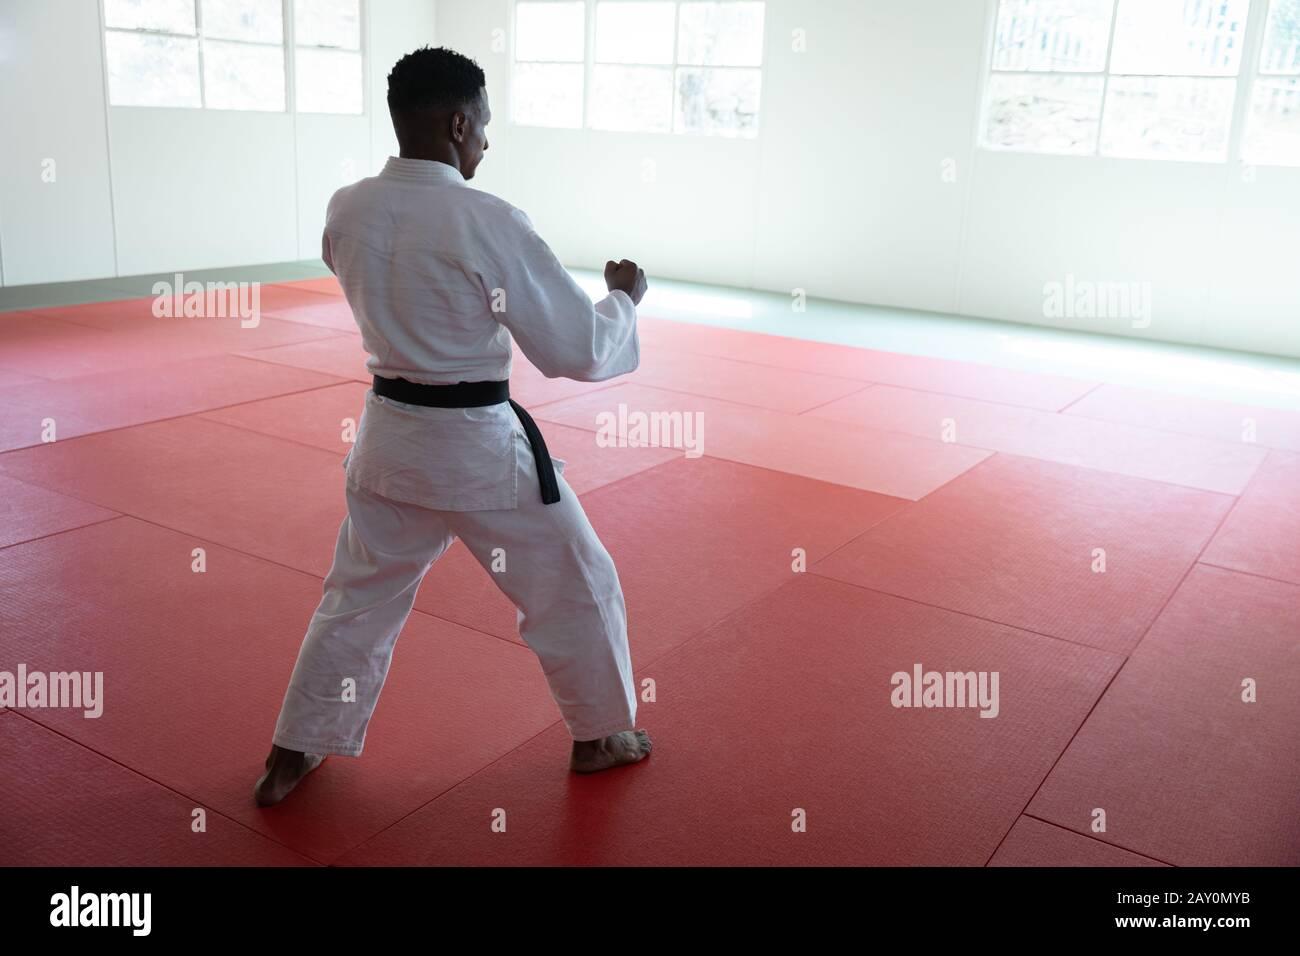 karateka frappant une pose dans une salle de sport Banque D'Images